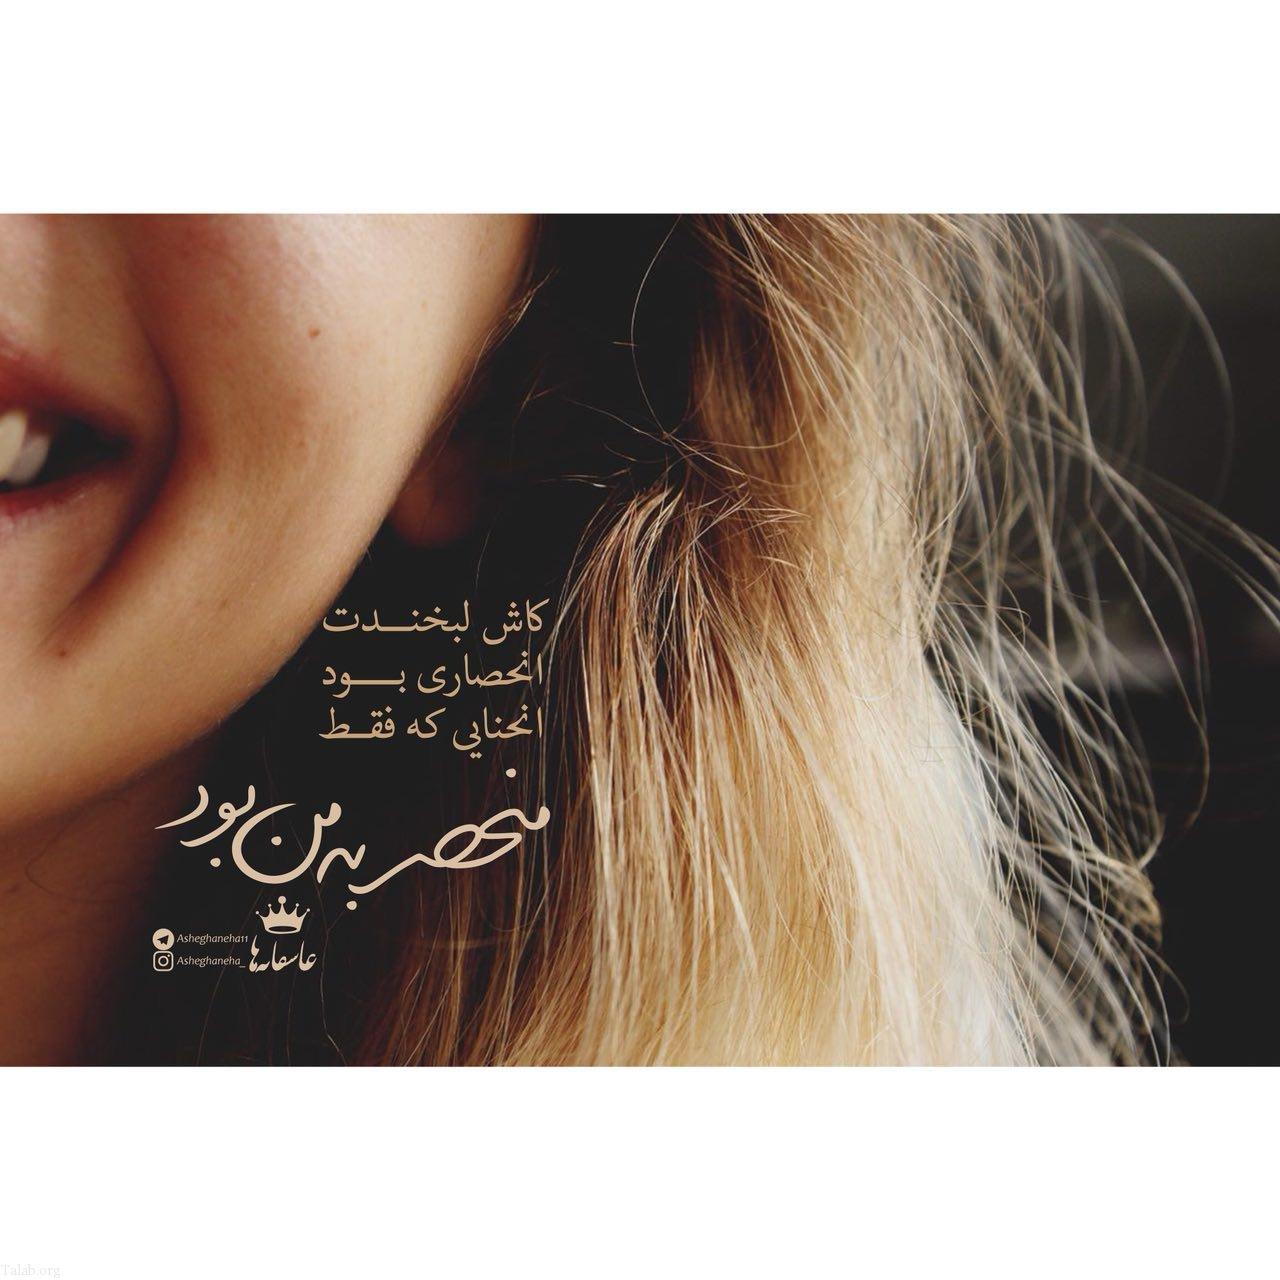 عکس پروفایل دخترونه | متن و عکس پروفایل خاص دخترونه زیبا (98)